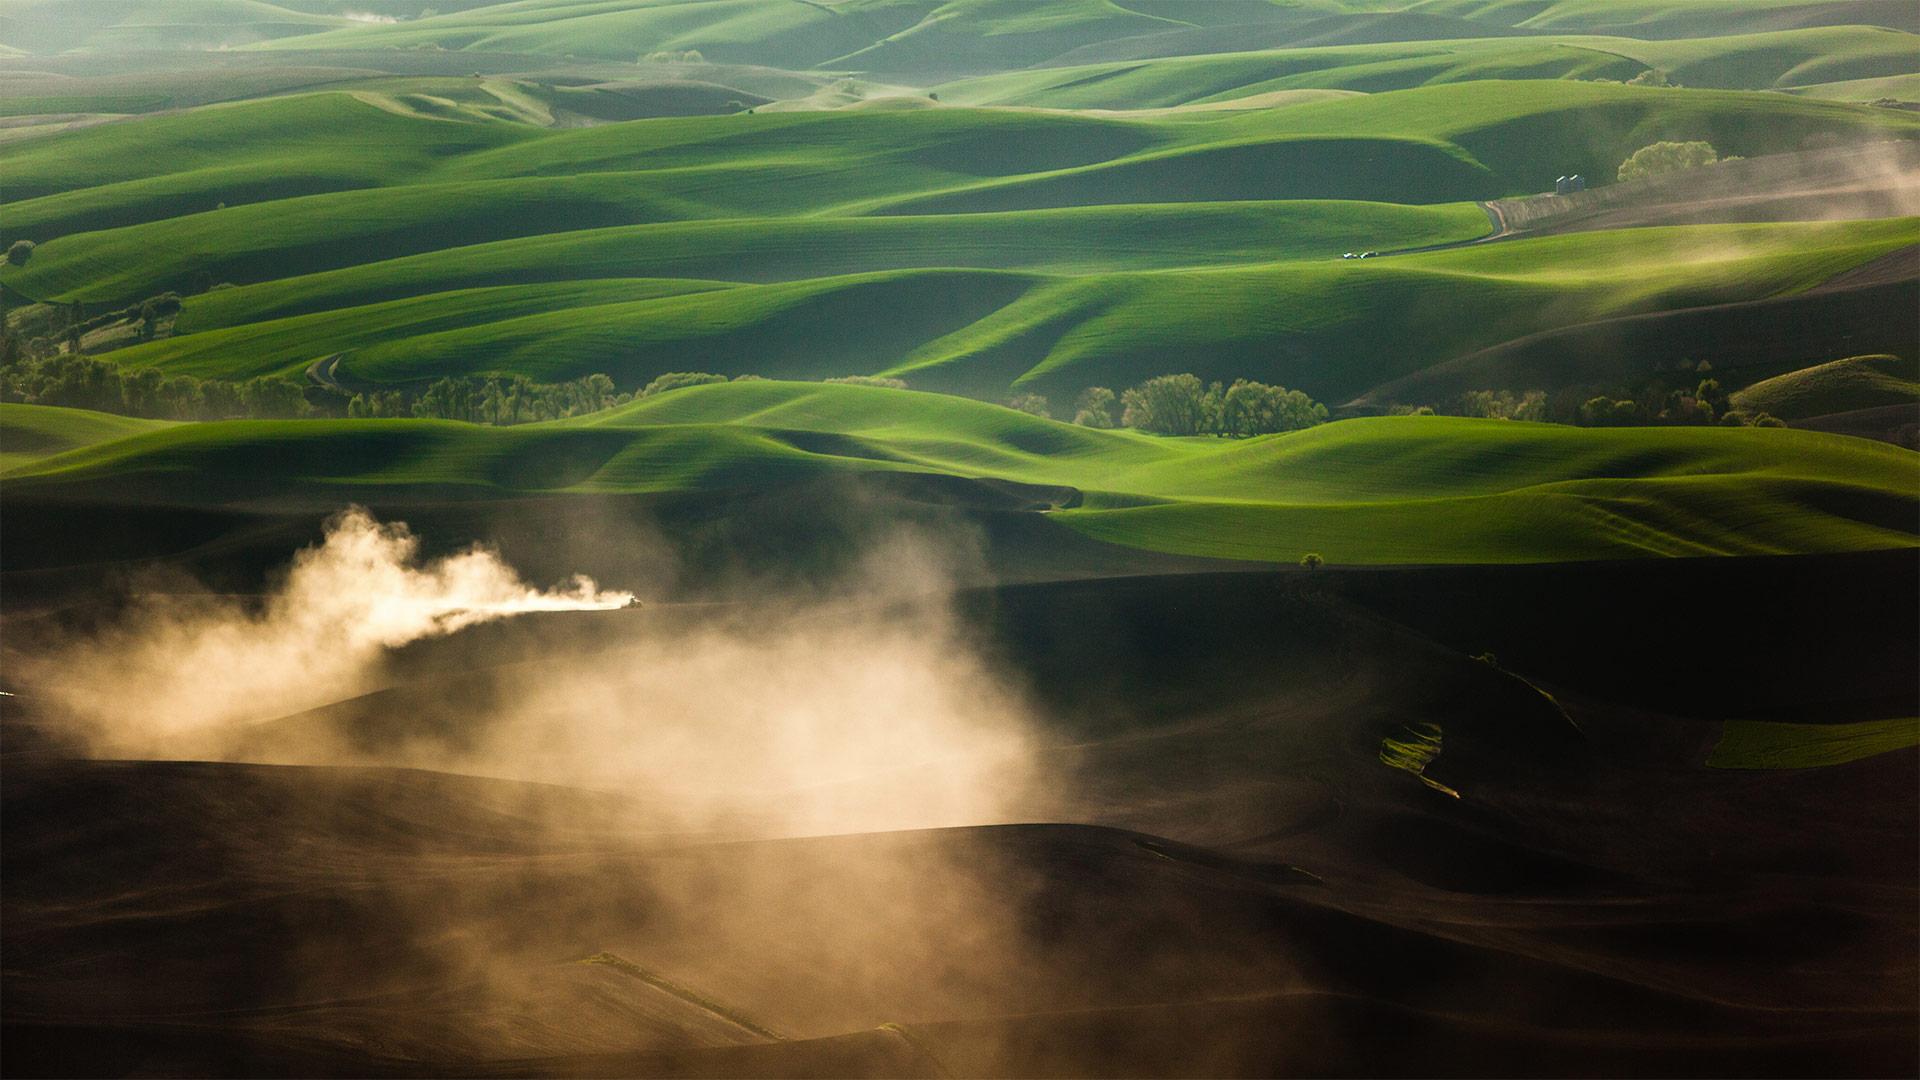 「パルース丘陵」米国ワシントン州, プルマン (© Ben Herndon/Tandem Stills + Motion)